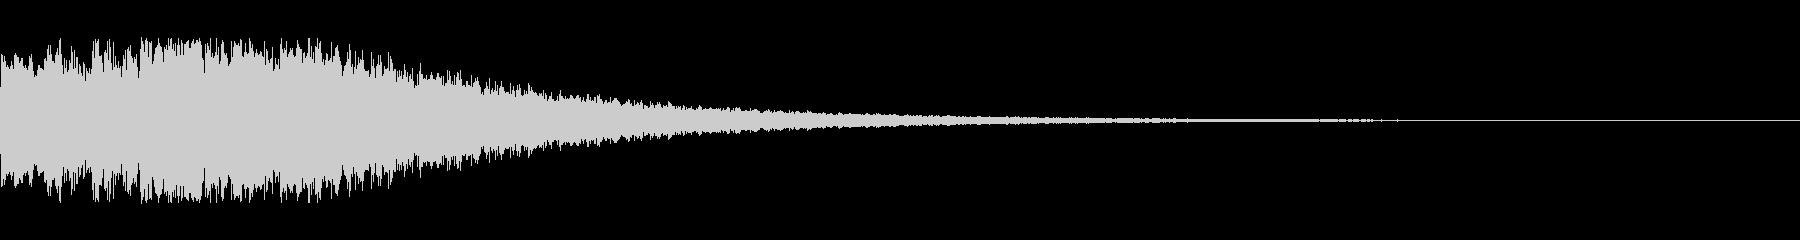 決定・メニュー・UI等電子音2の未再生の波形